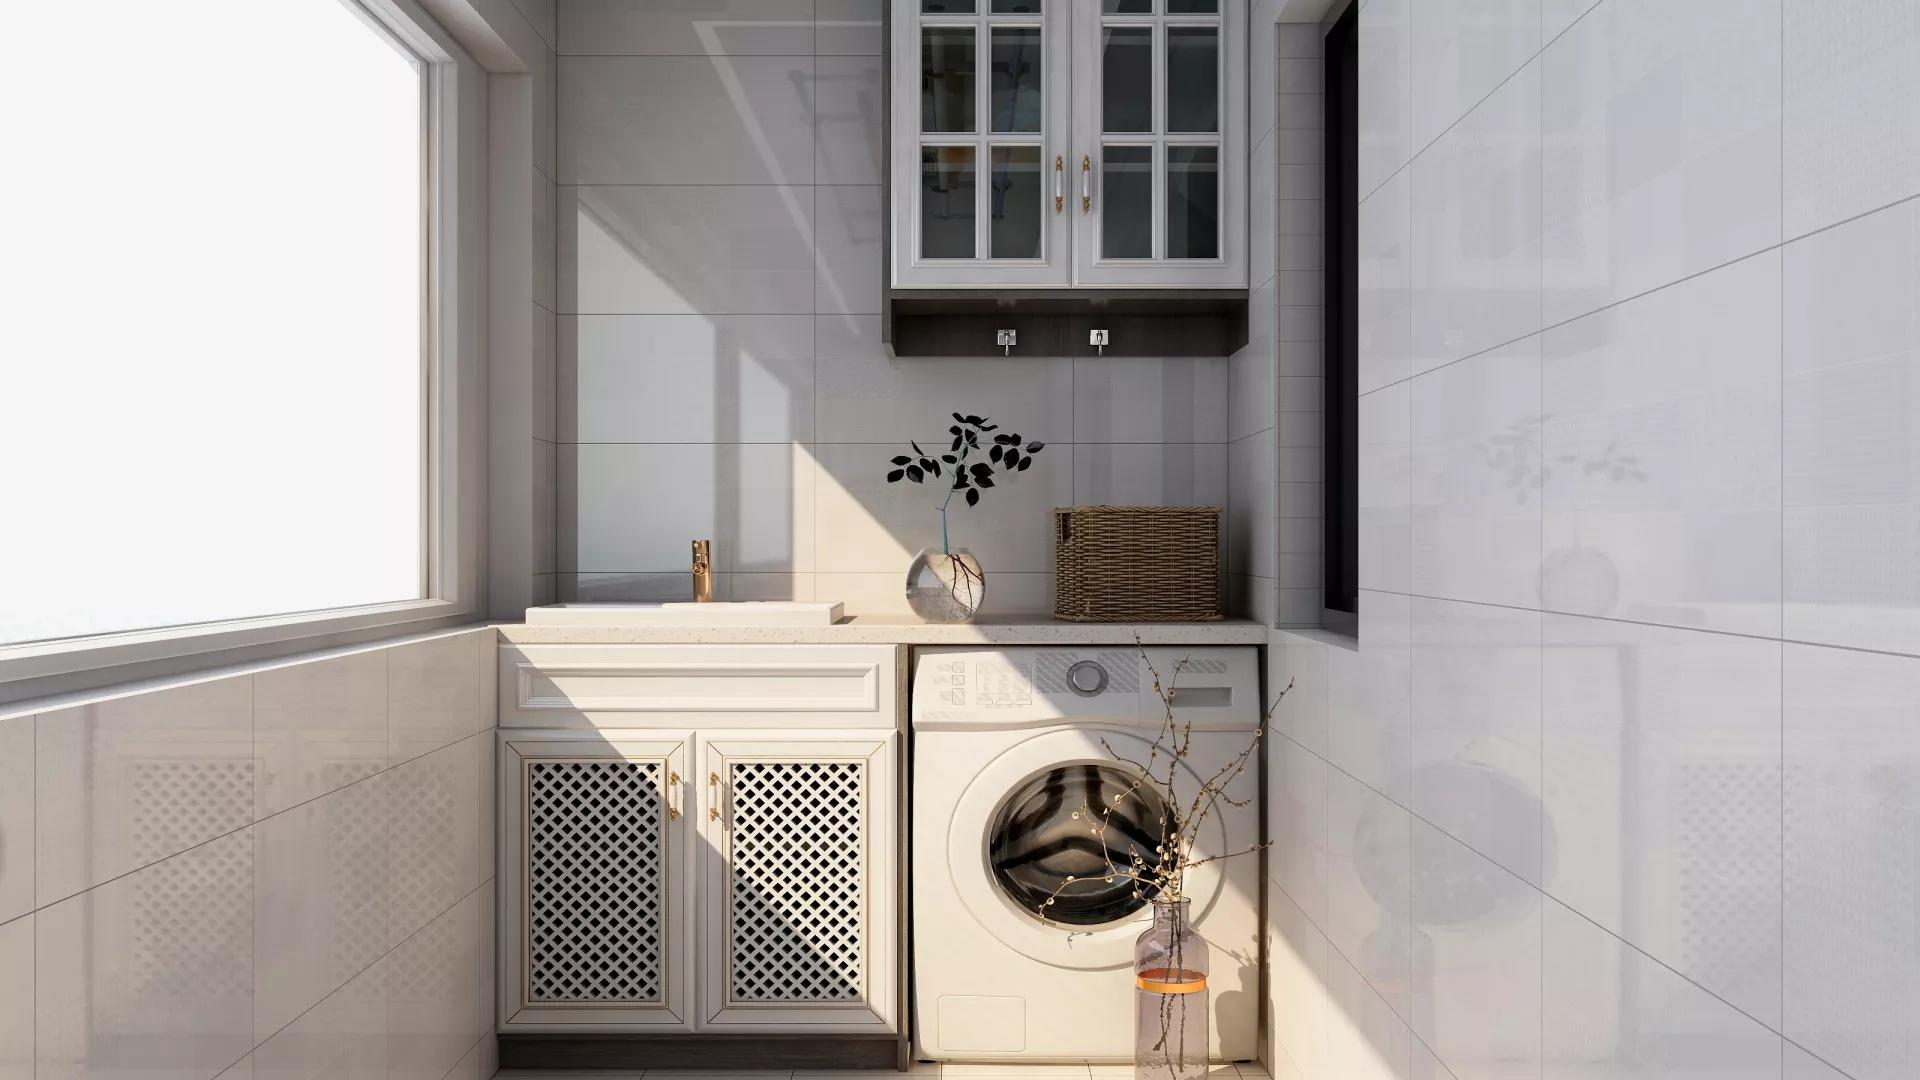 新房装修过程中可能遇到的卧室风水禁忌有哪些?